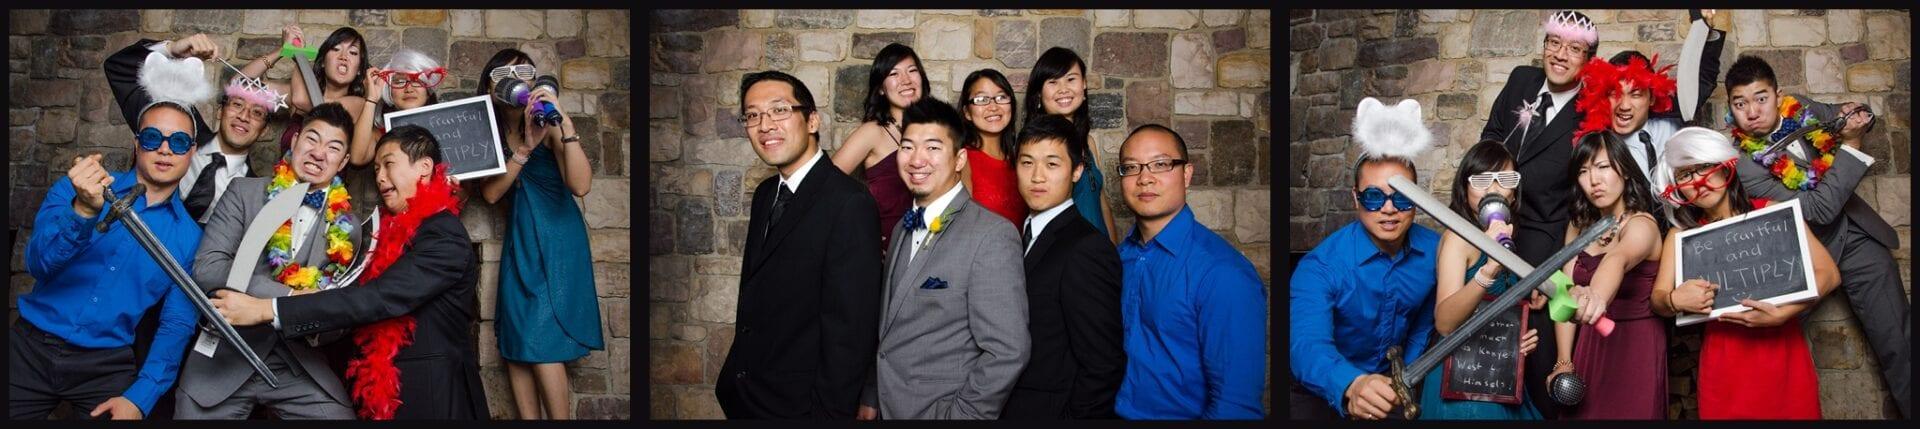 Edmonton-Wedding-photo-booth-Photography-134